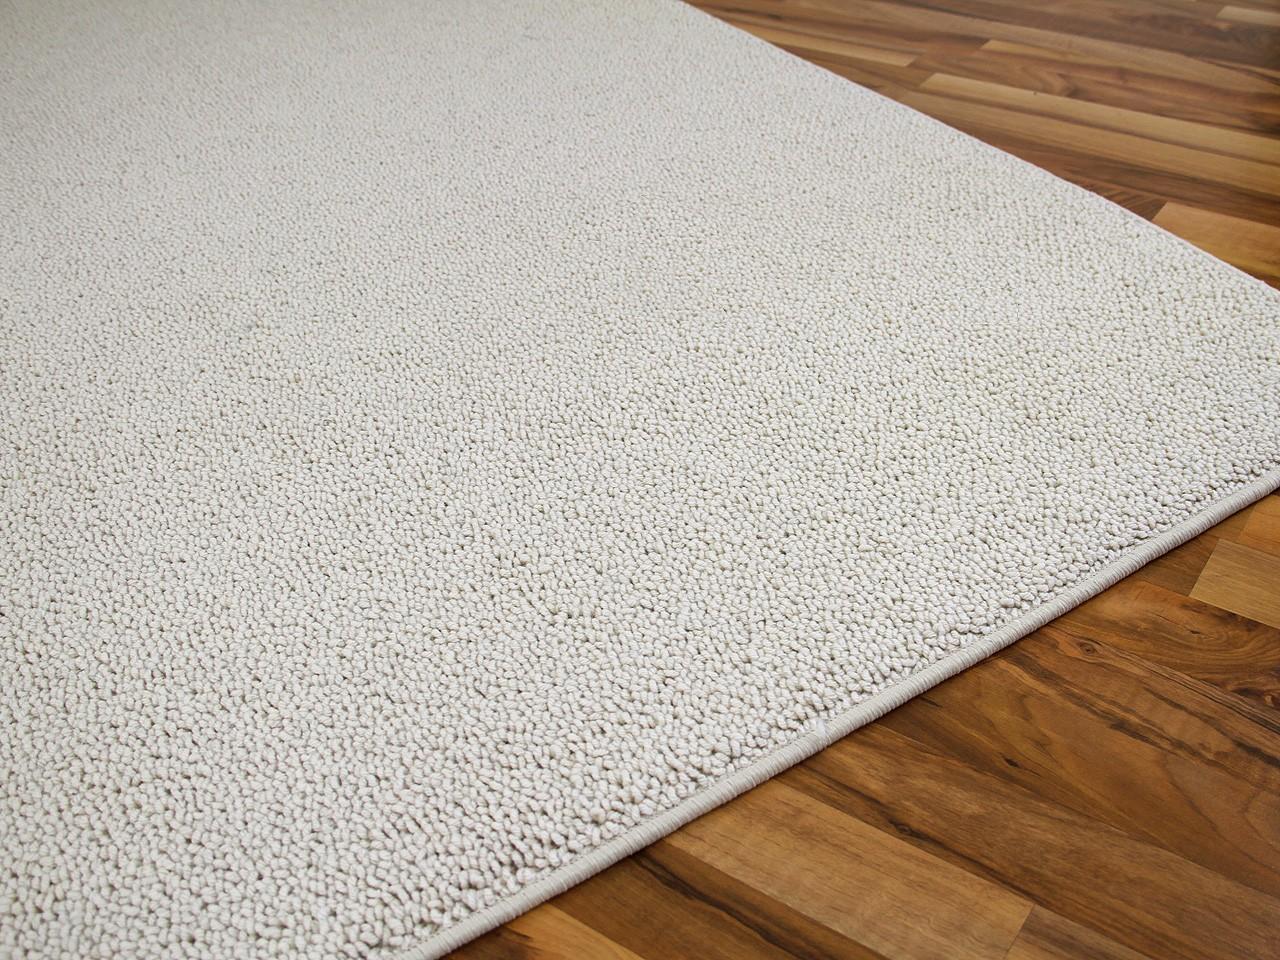 Natur Teppich Luxus Berber Venice Wollweiss  ABVERKAUF